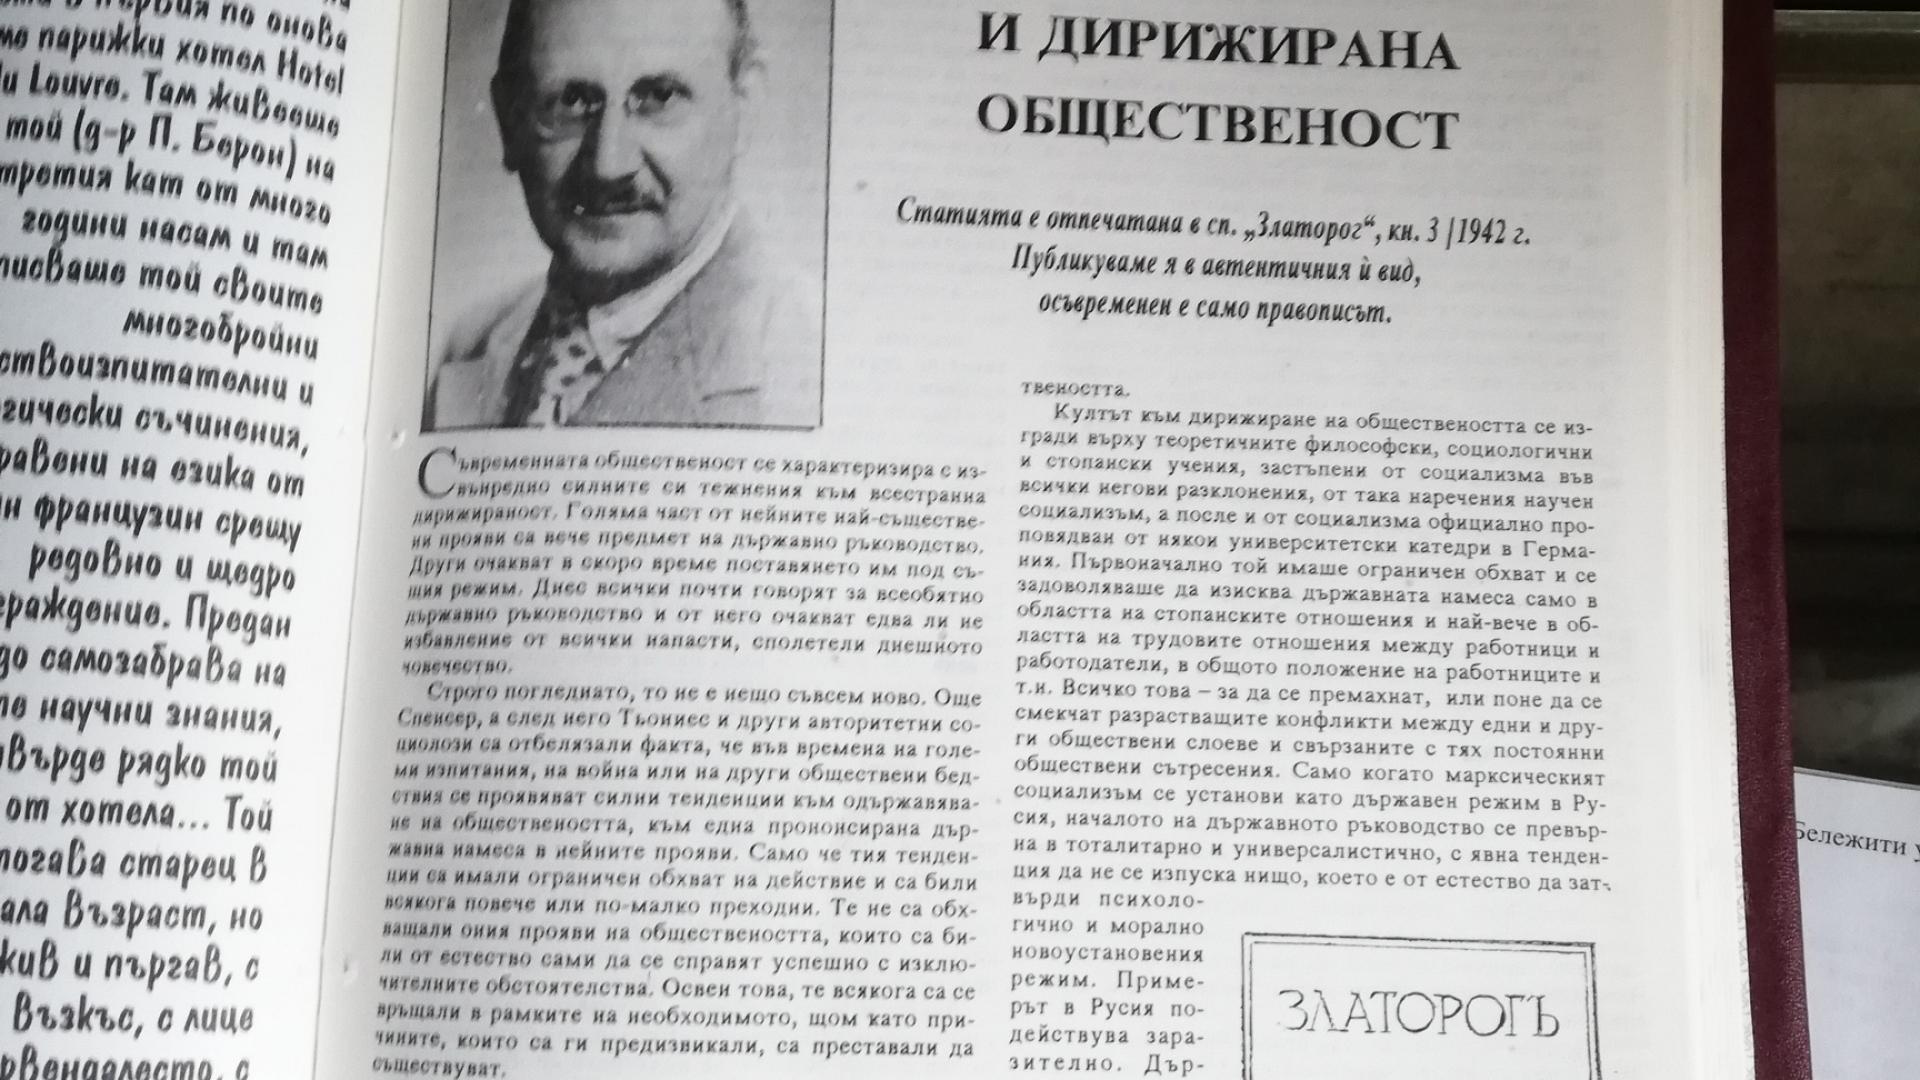 Изложба представя трудове на проф. Венелин Ганев